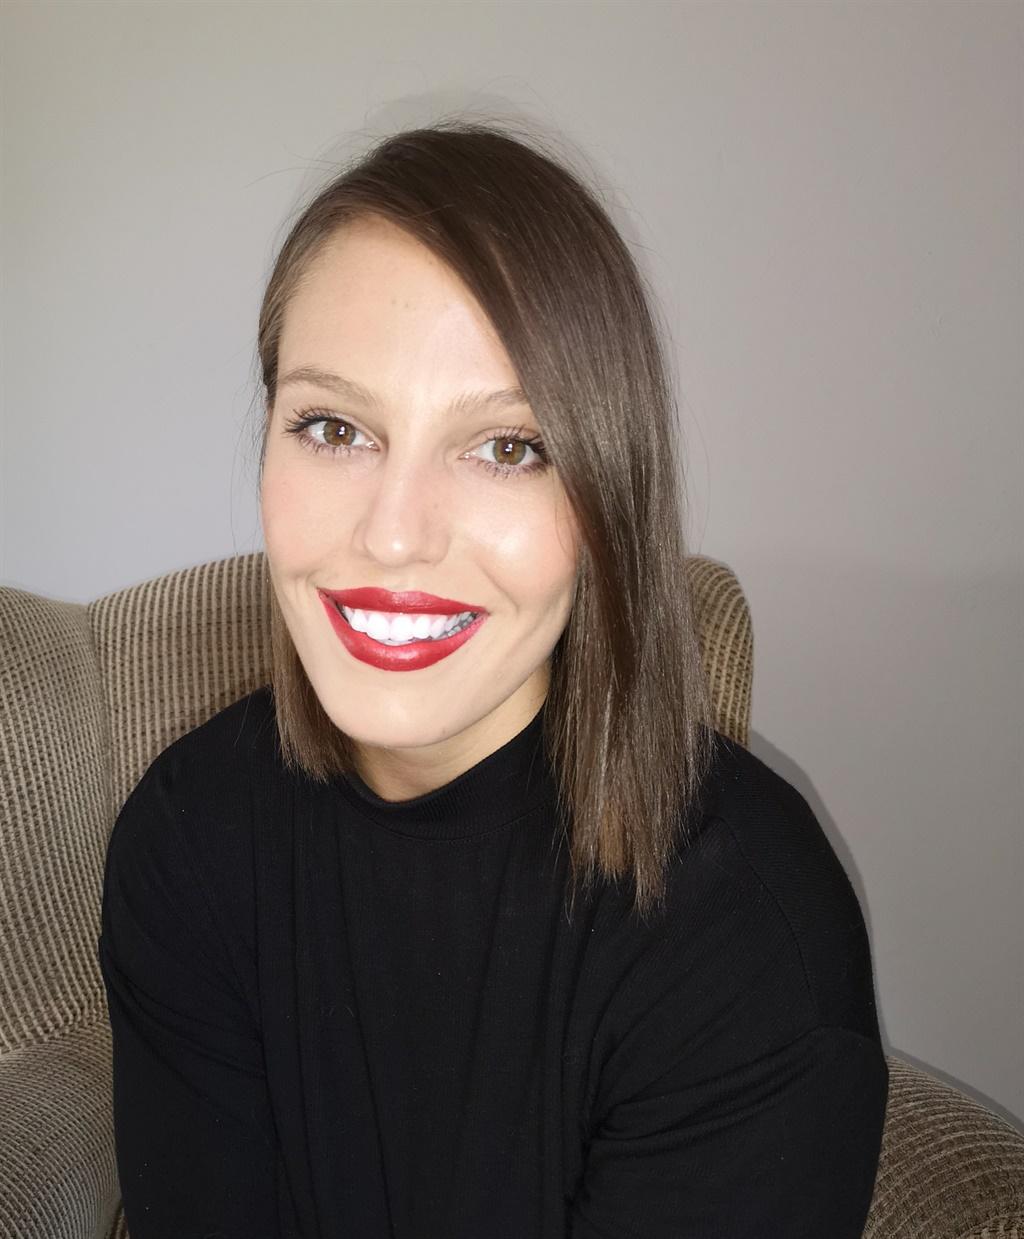 Michelle Hattingh